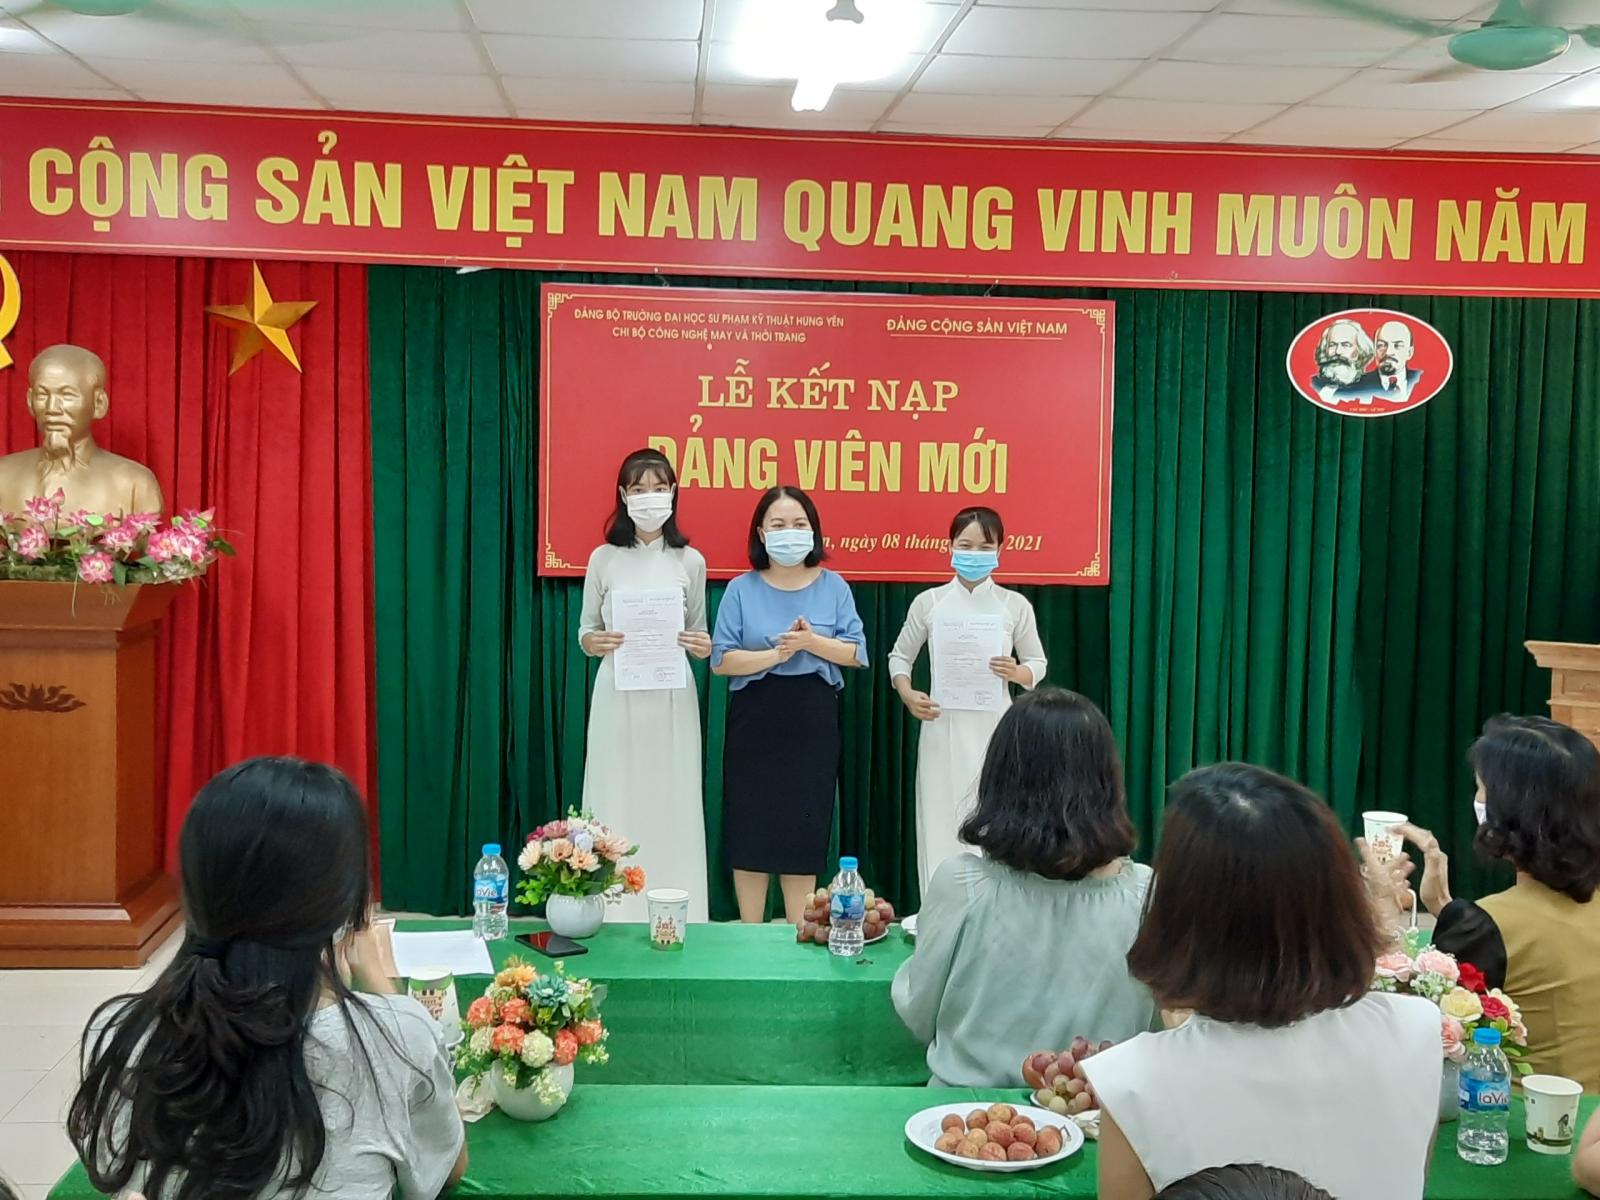 Lễ kết nạp Đảng viên mới năm 2021